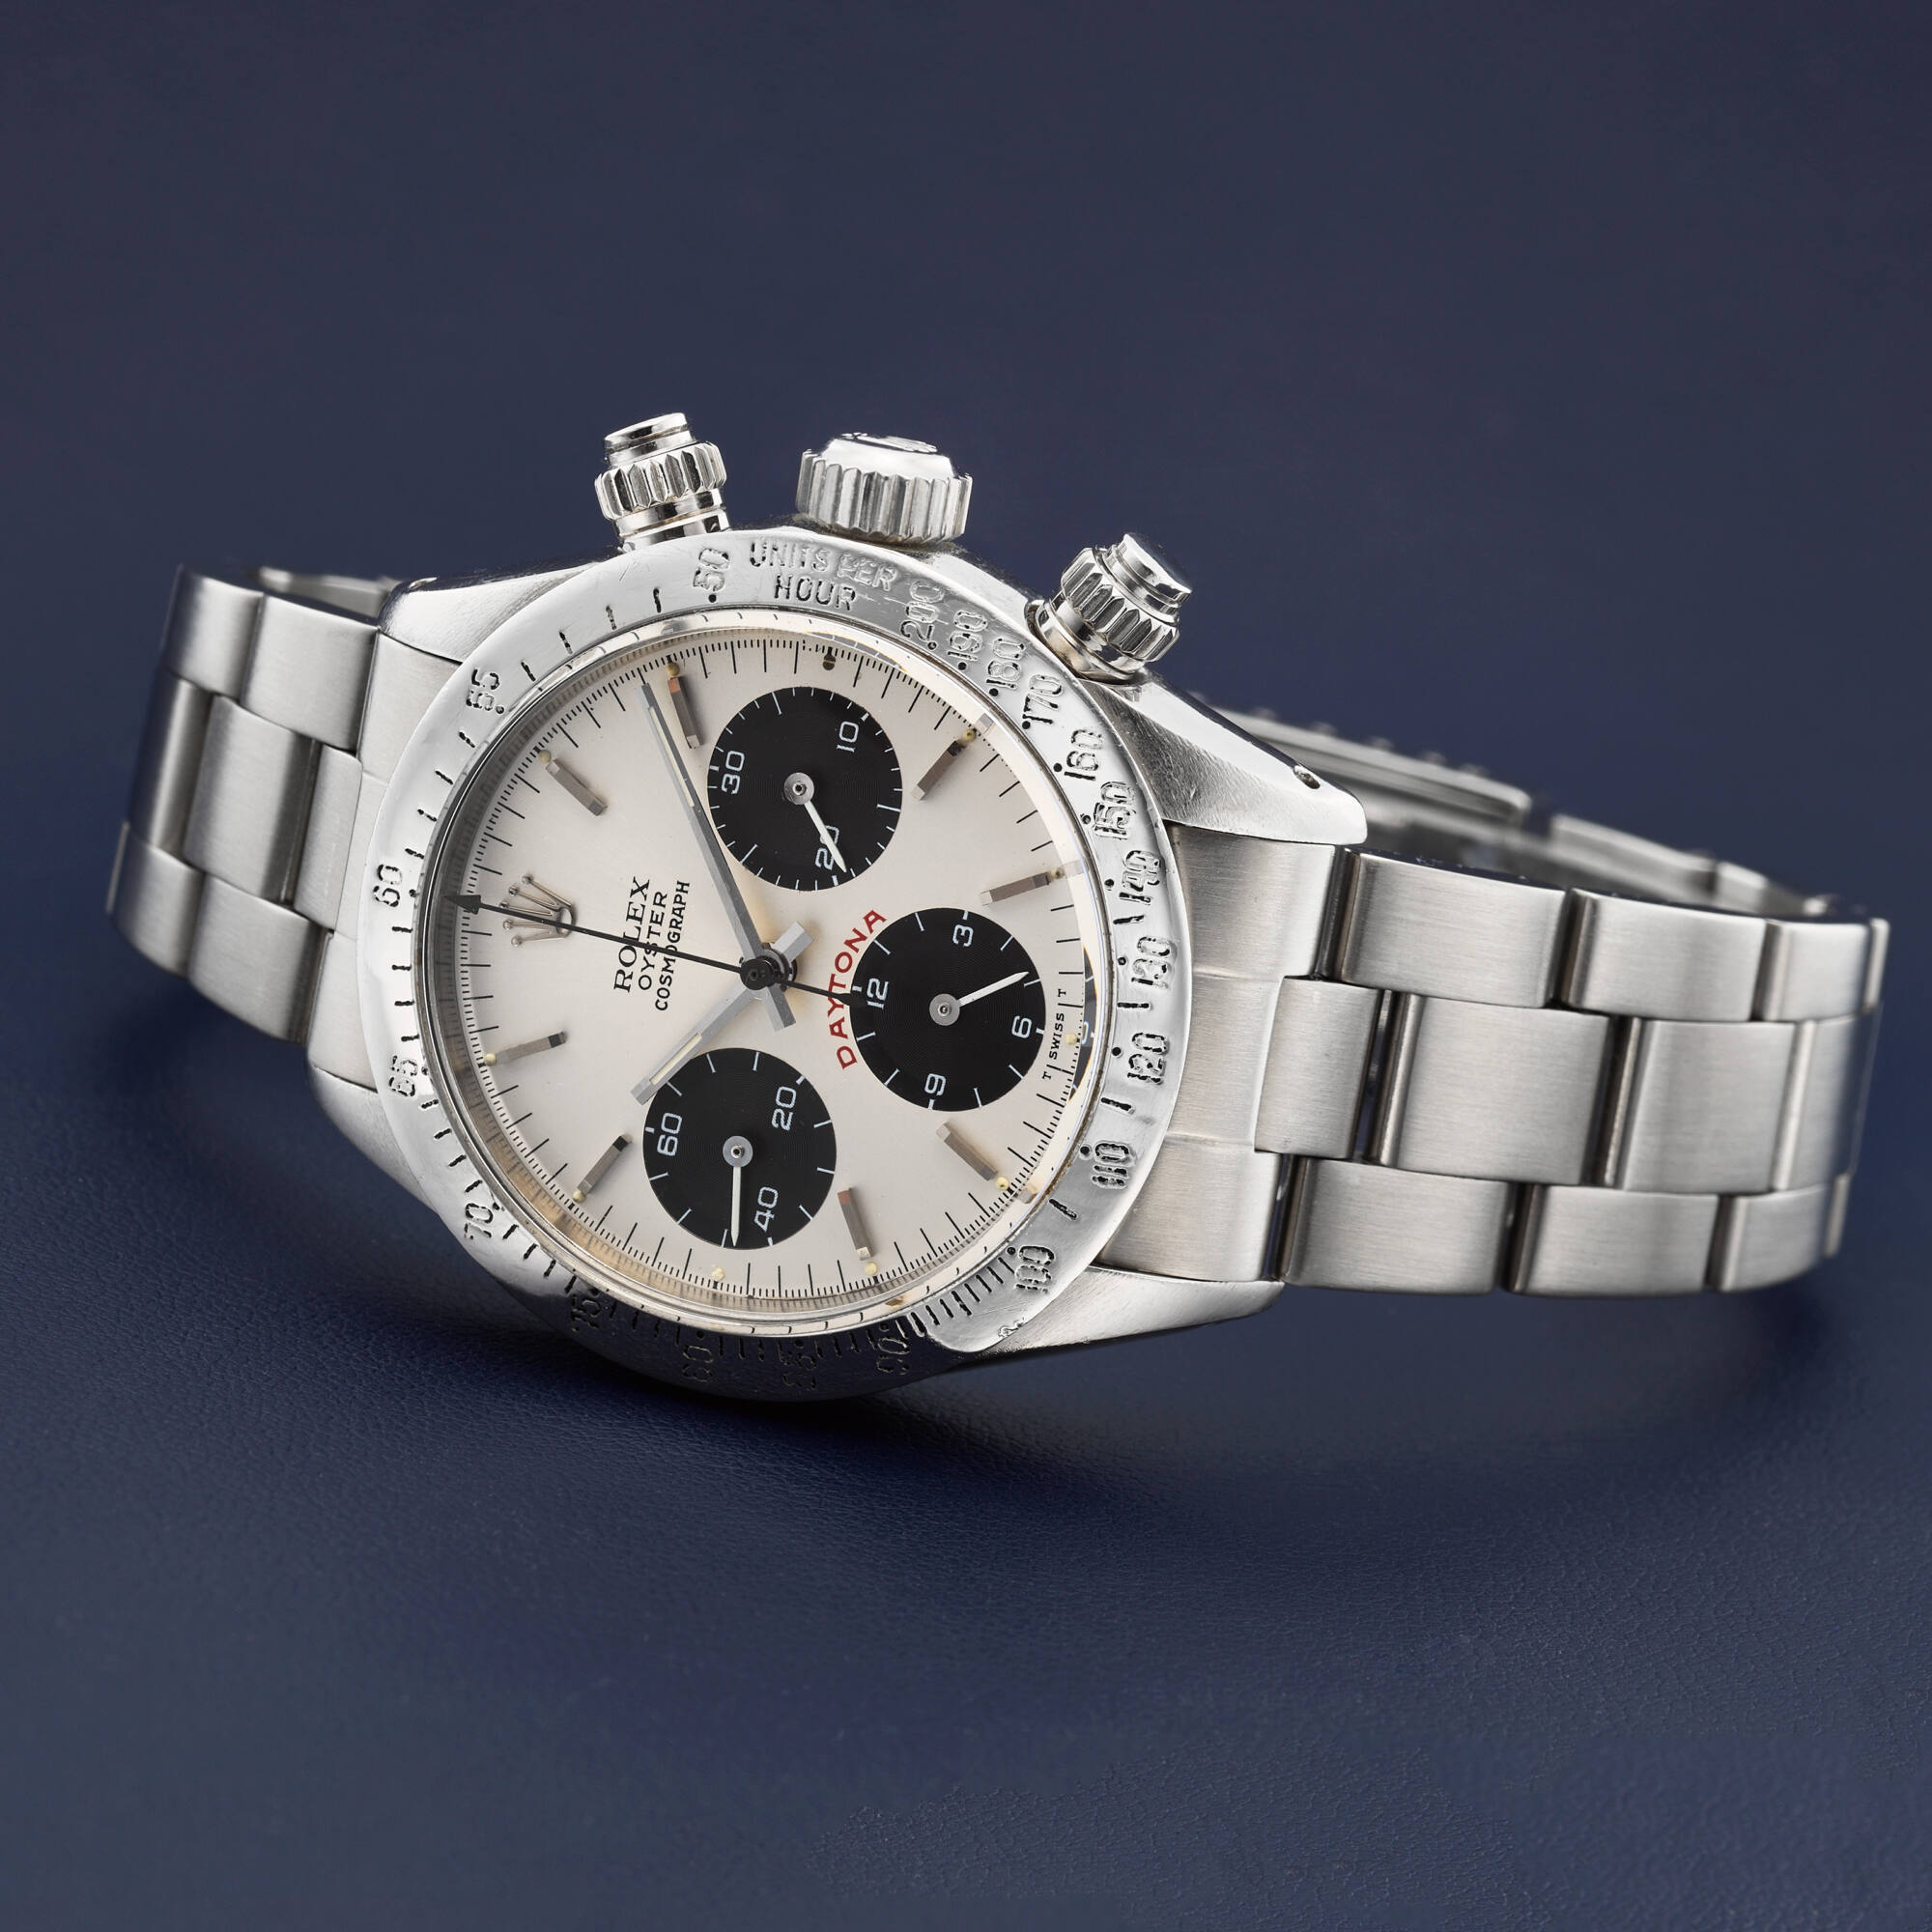 Christie's Watches Online Auction - MondaniWeb